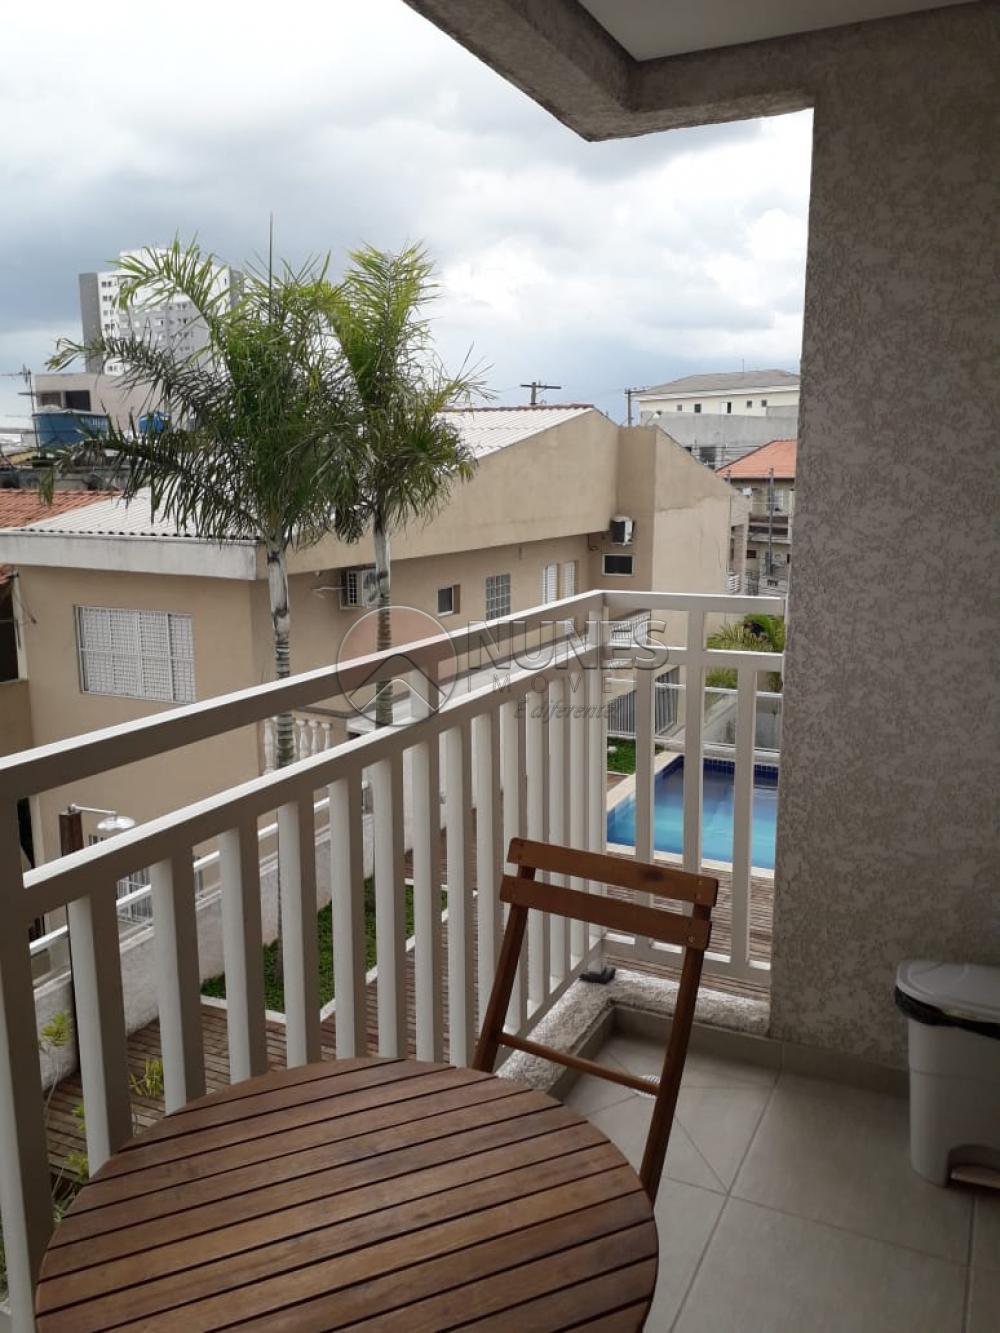 Comprar Apartamento / Padrão em Osasco apenas R$ 370.000,00 - Foto 12